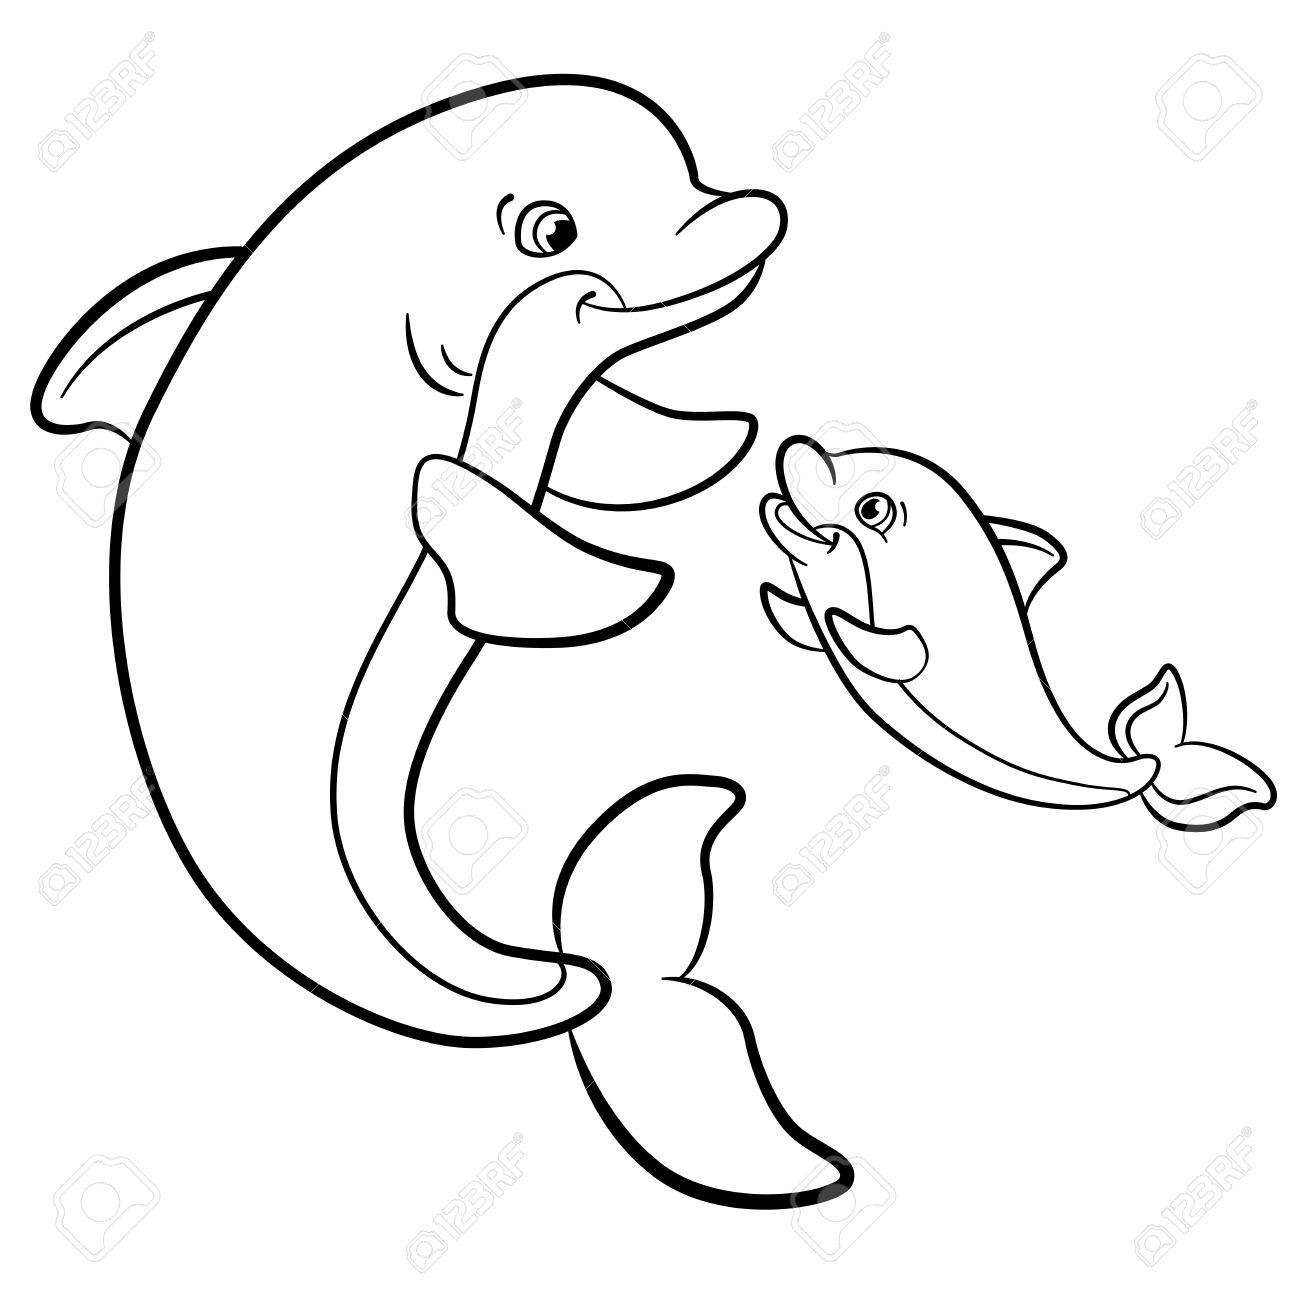 Malvorlagen. Marine-wilde Tiere. Mutter Delphin schwimmt mit ihrem kleinen  niedlichen Baby-Delphin.